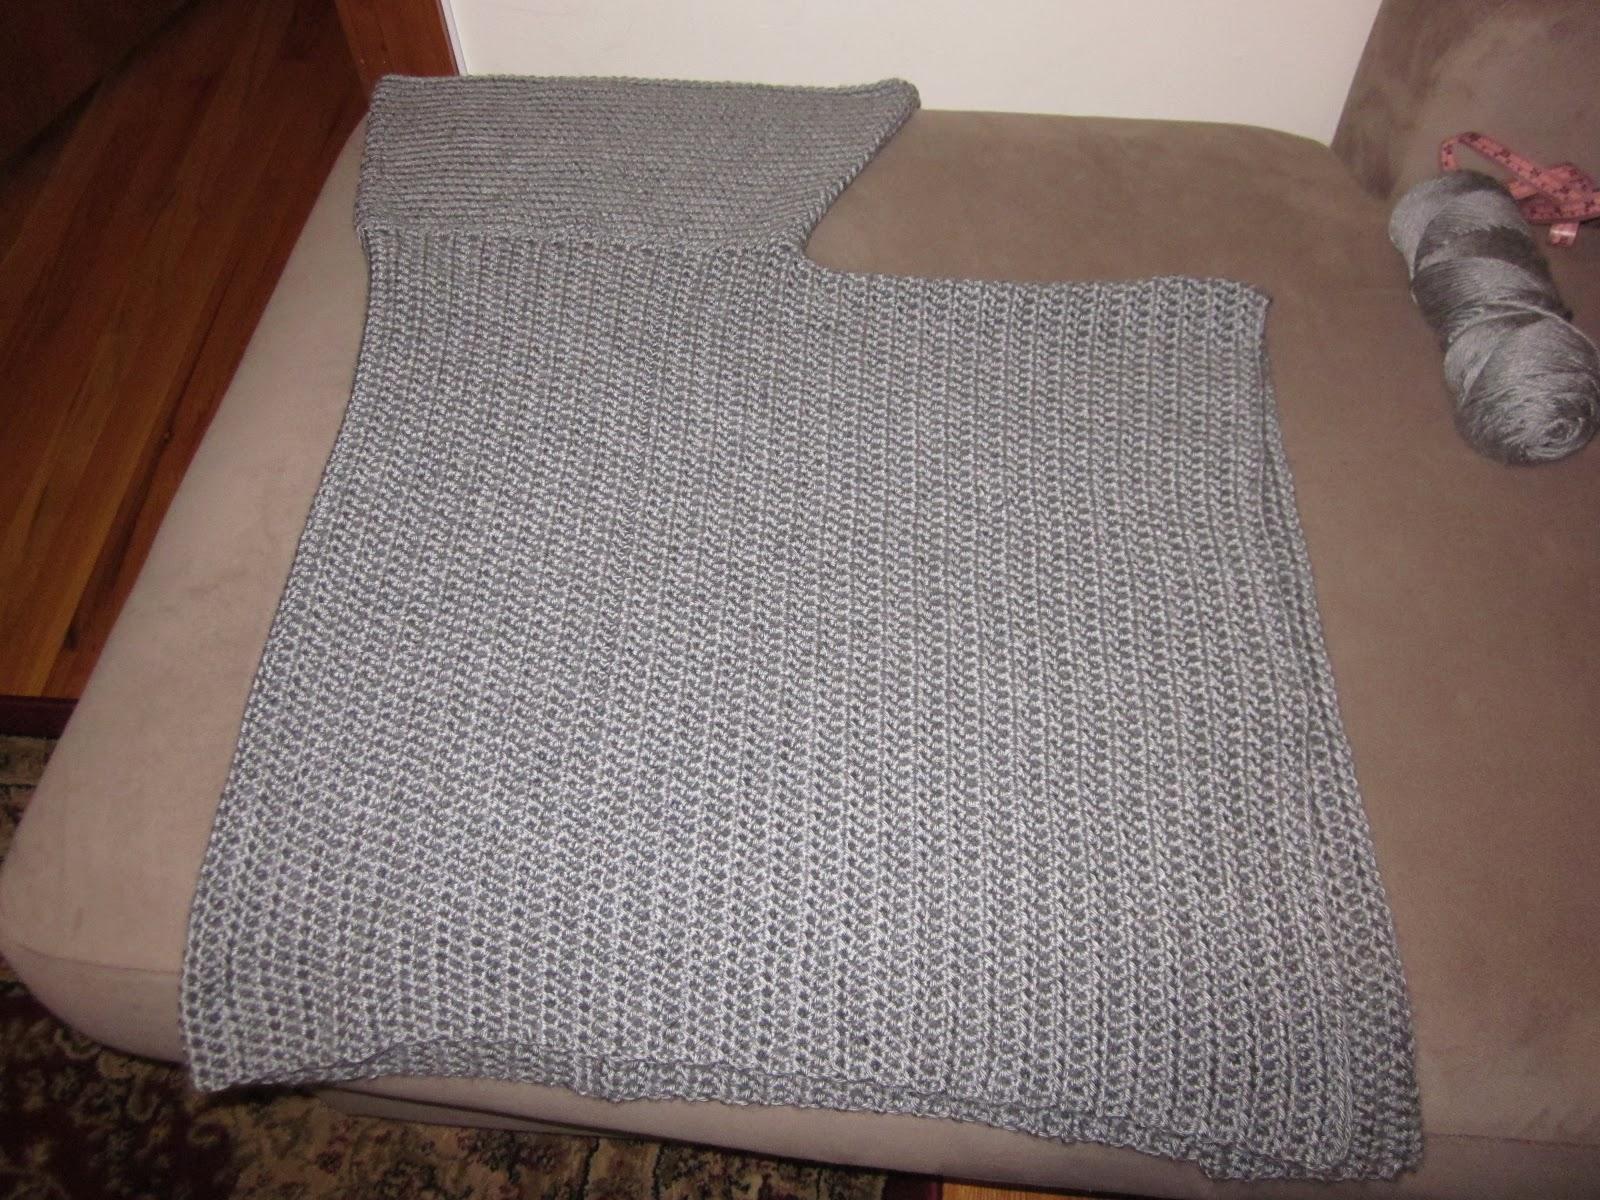 The Crafty Novice Diy Crochet Poncho